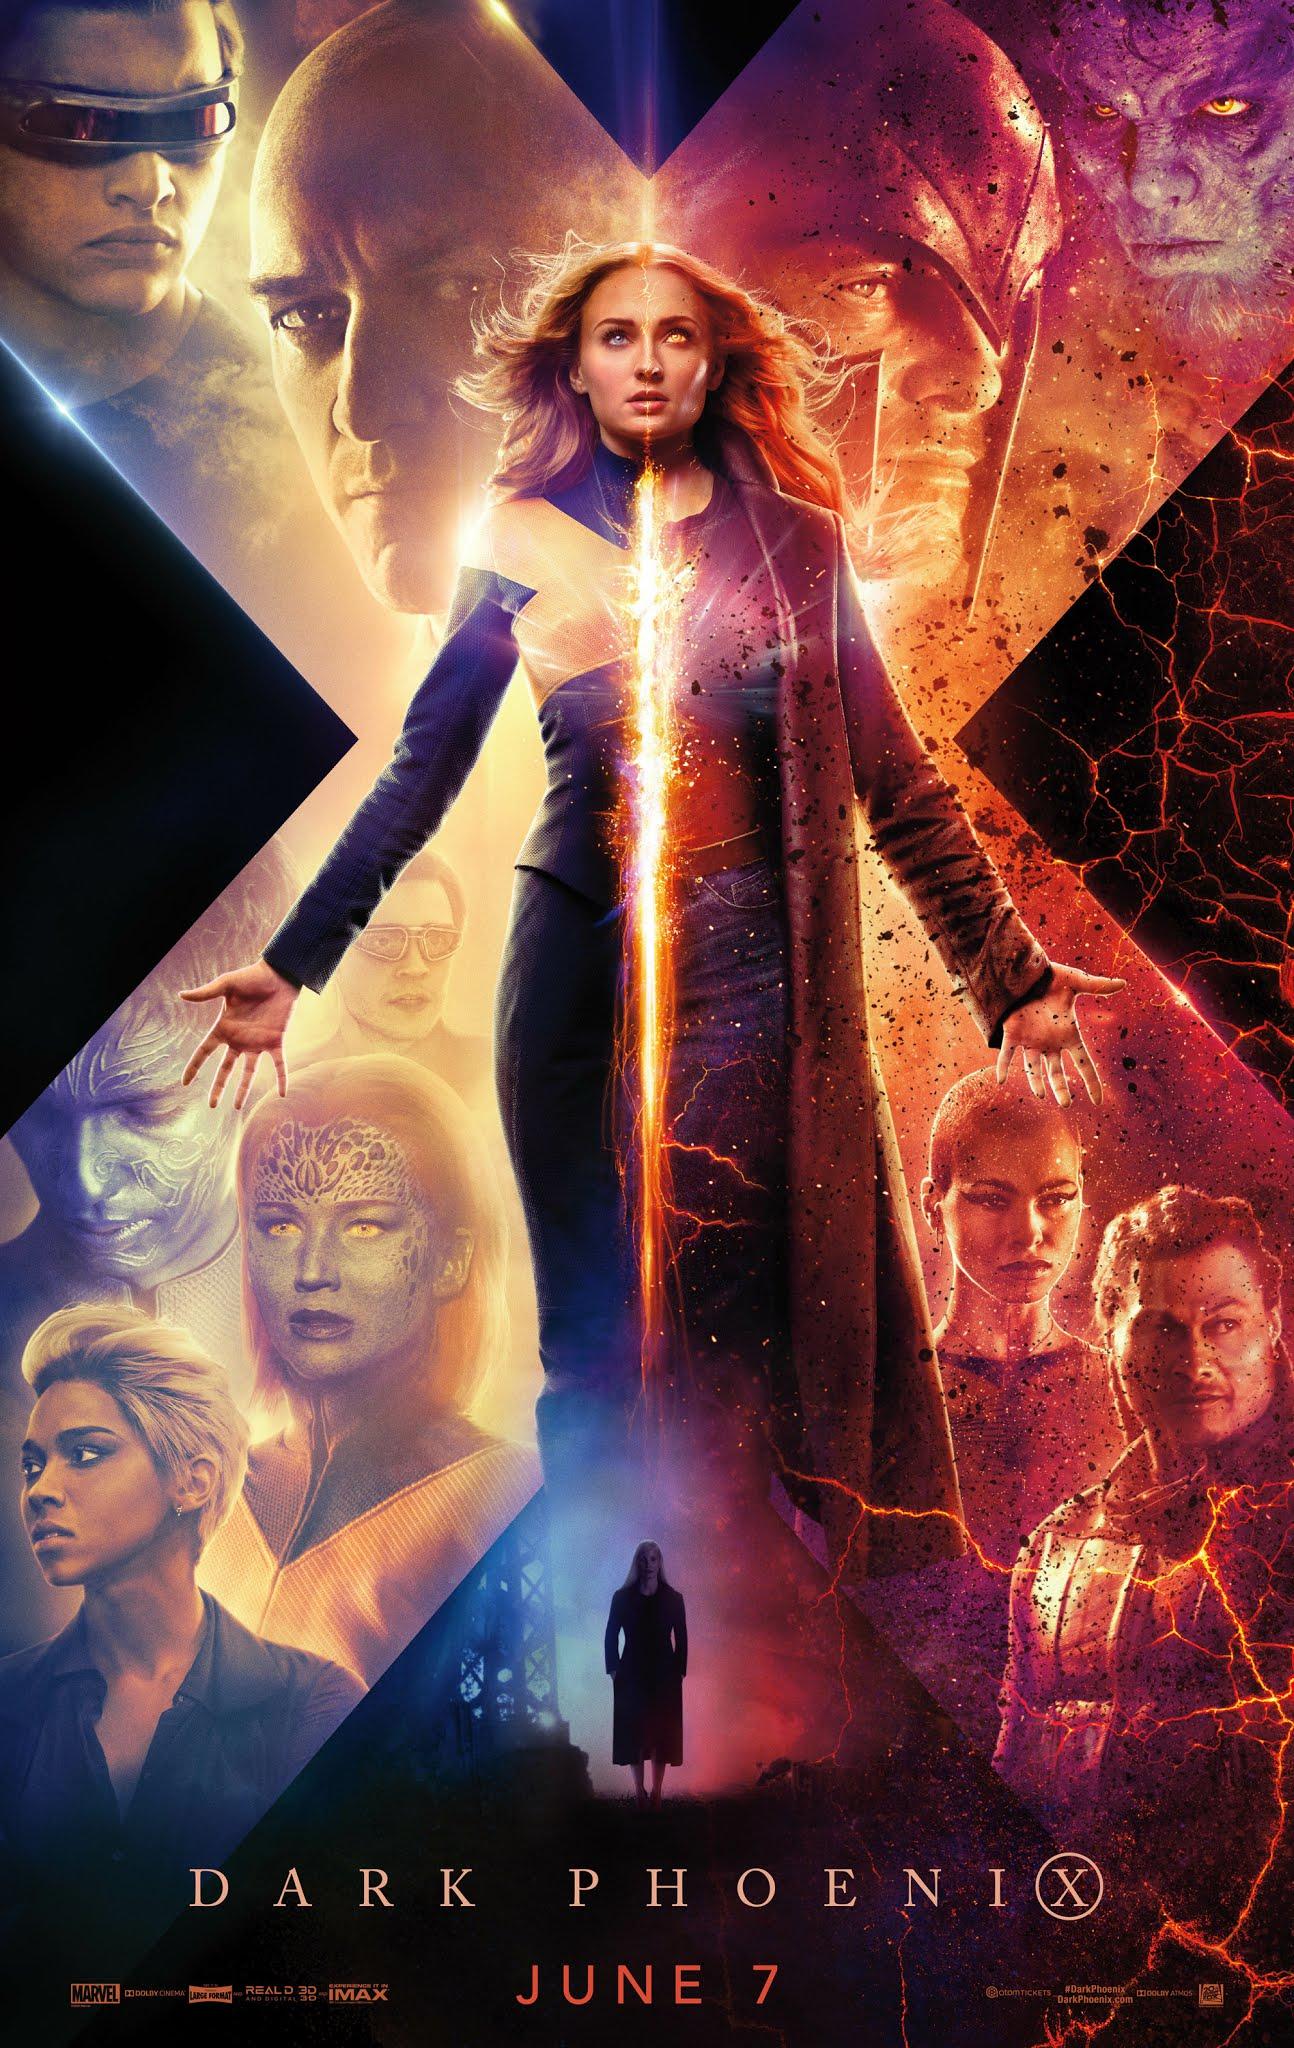 x-men mroczna phoenix feniks film turner mcavoy fassbender chastain